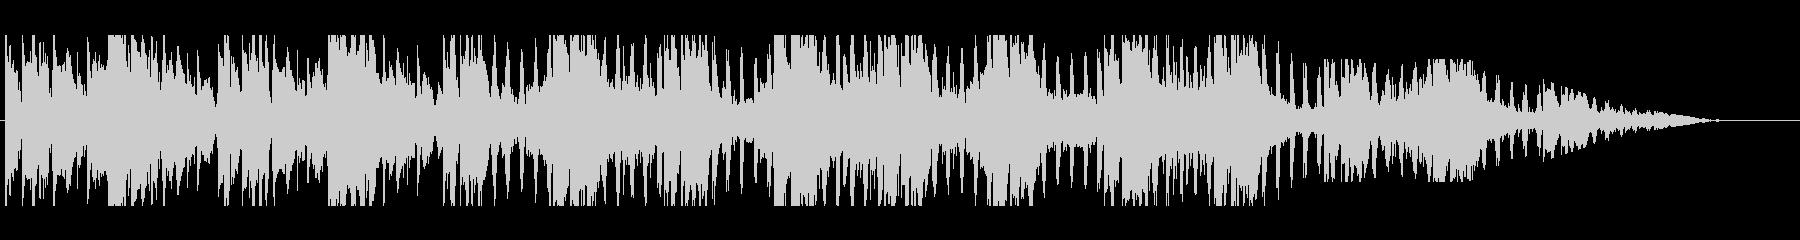 効果音と背景テクスチャの広々とした...の未再生の波形